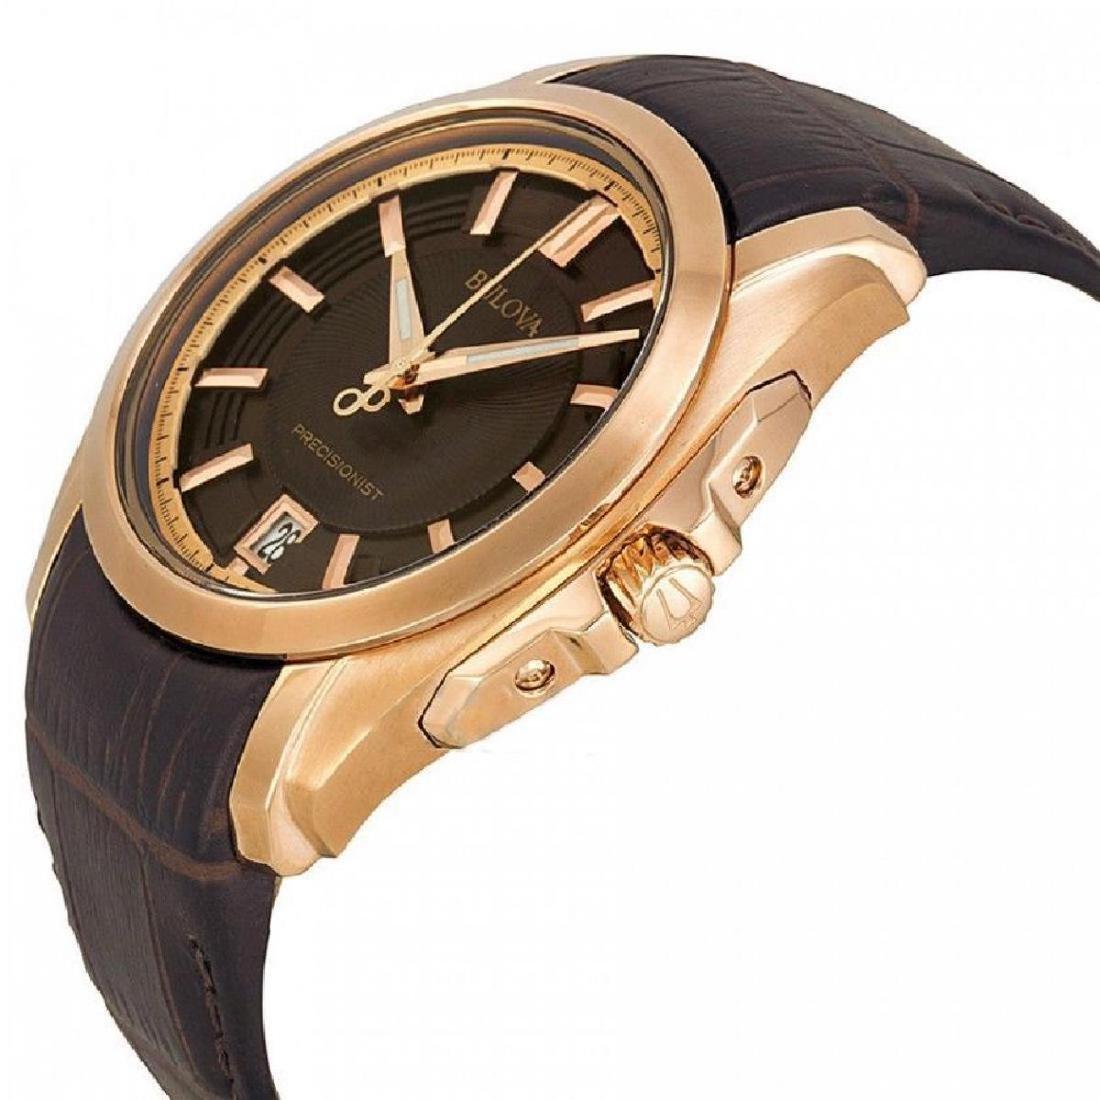 Bulova Business Class Watch - 5